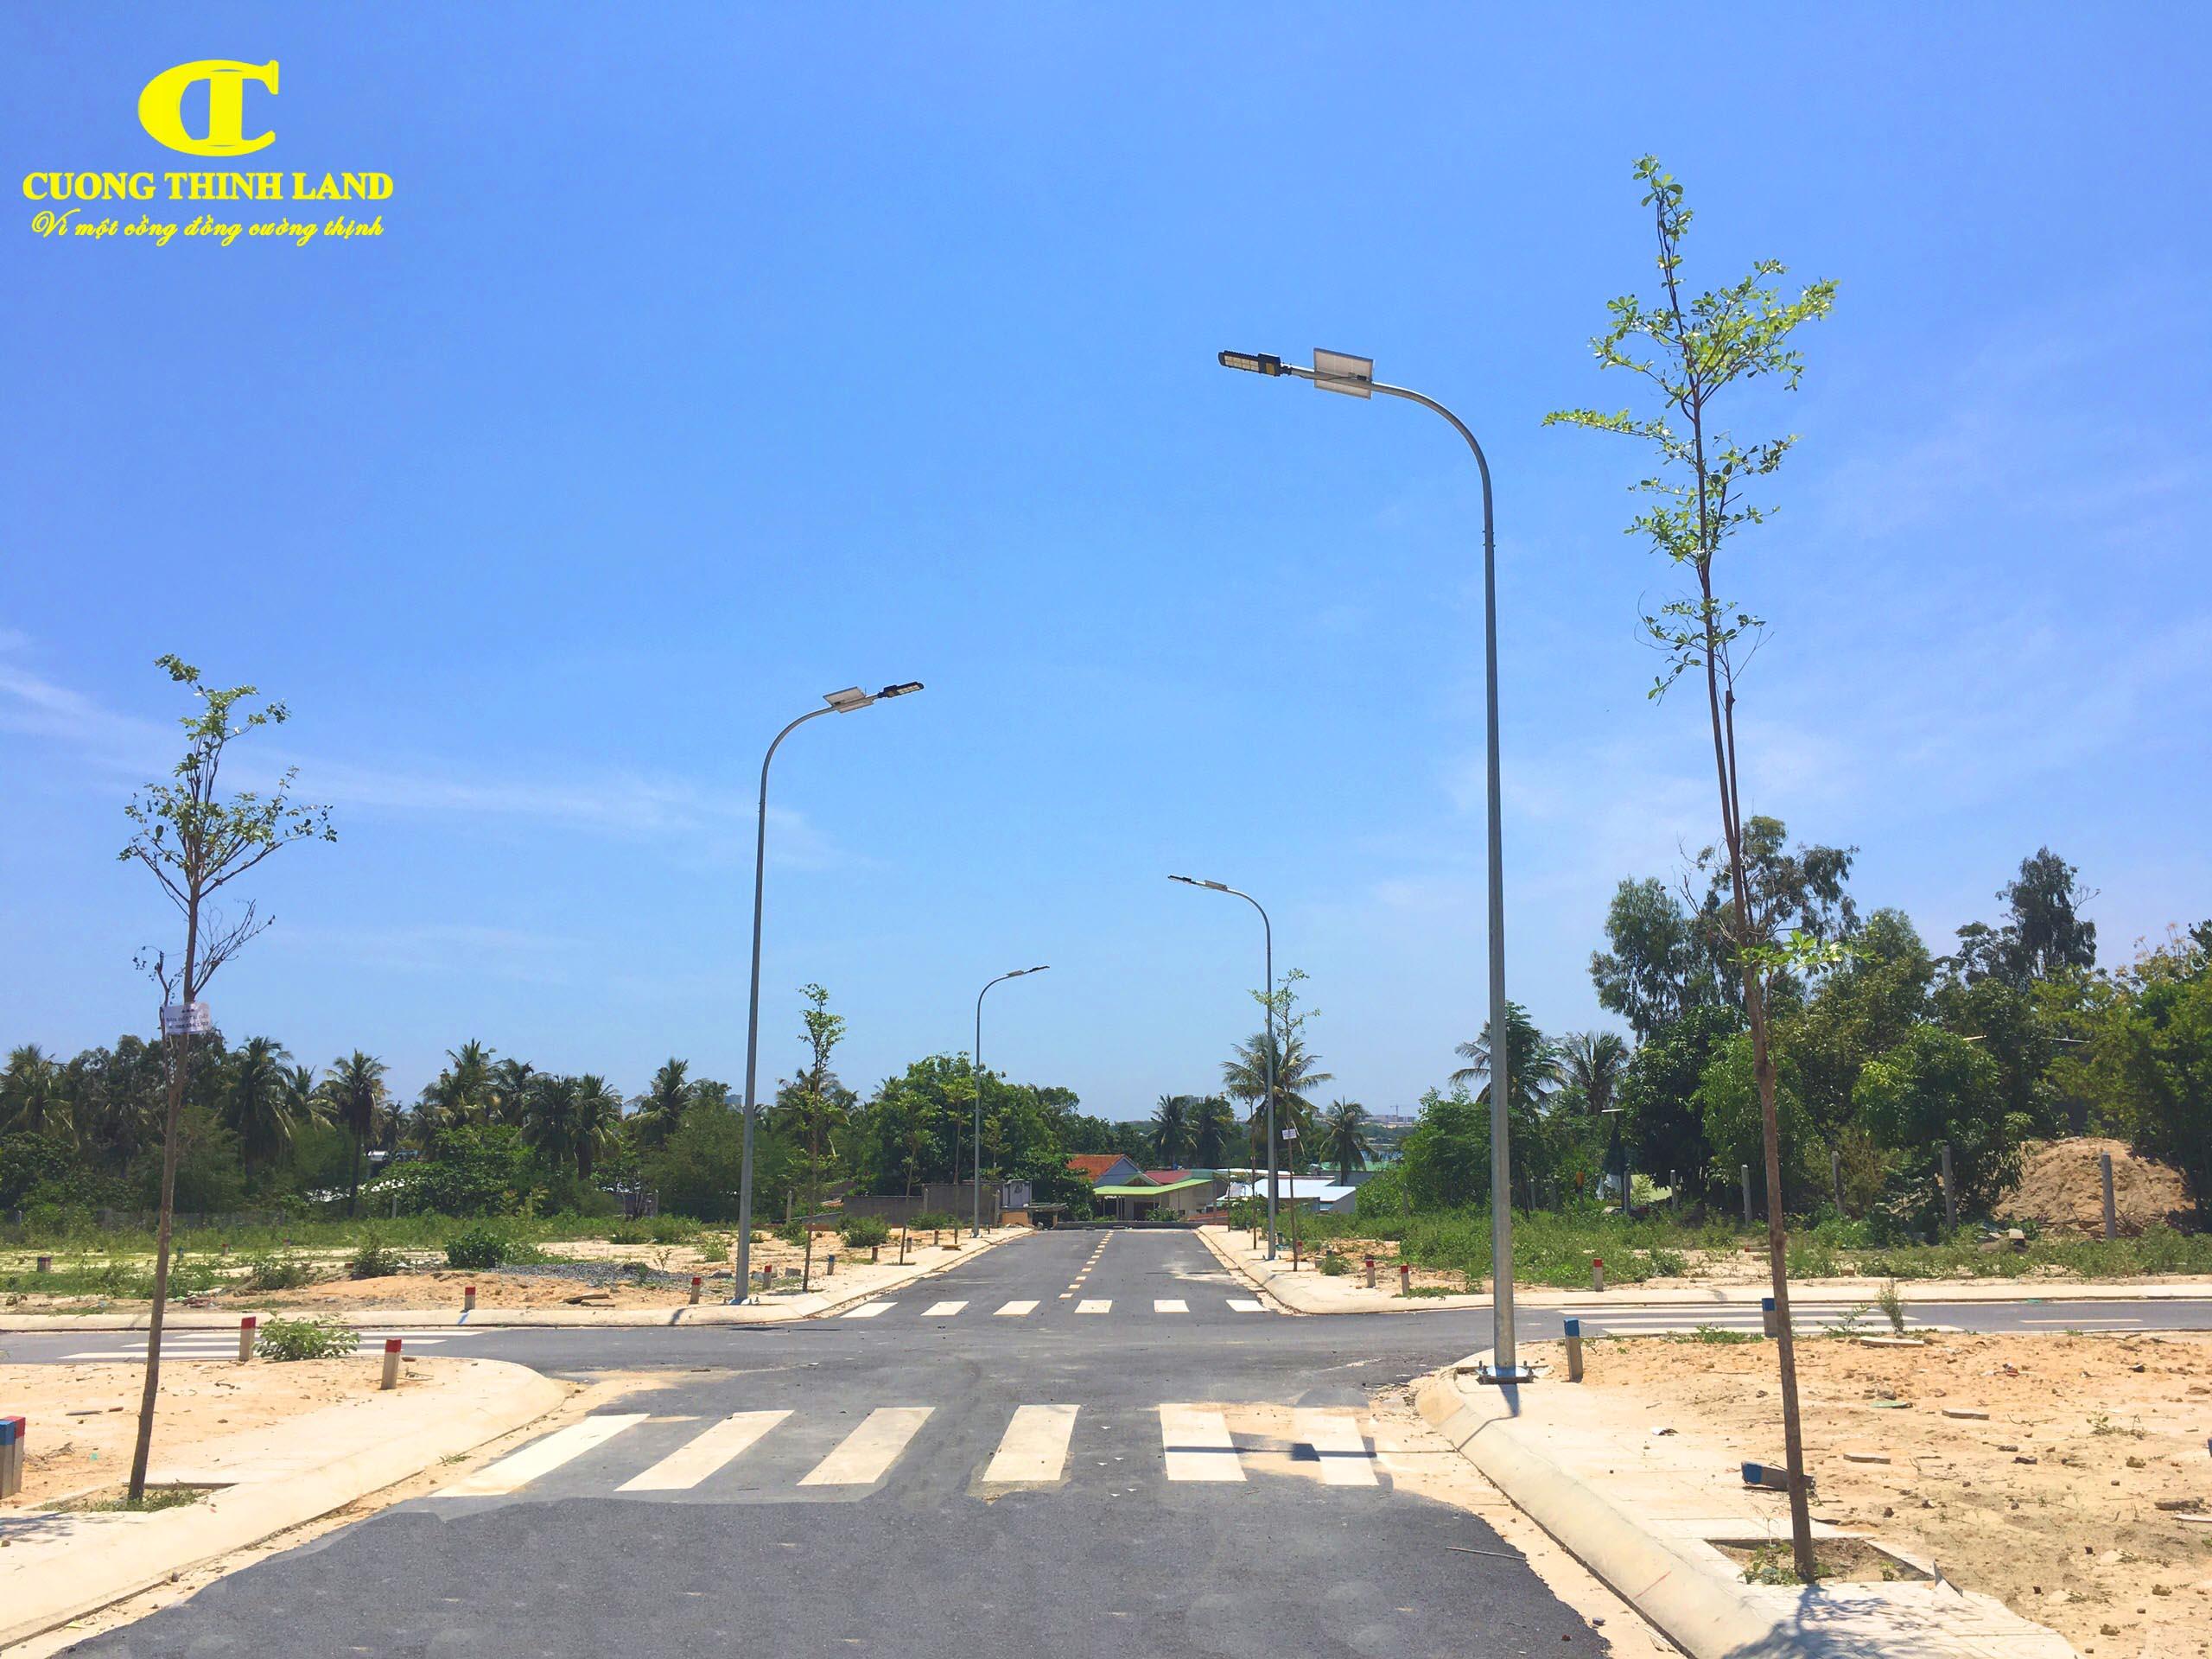 Khánh Hòa chỉ đạo khẩn để thúc đẩy thị trường bất đống sản phát triển lành mạnh tránh sốt đất - Ảnh 1.